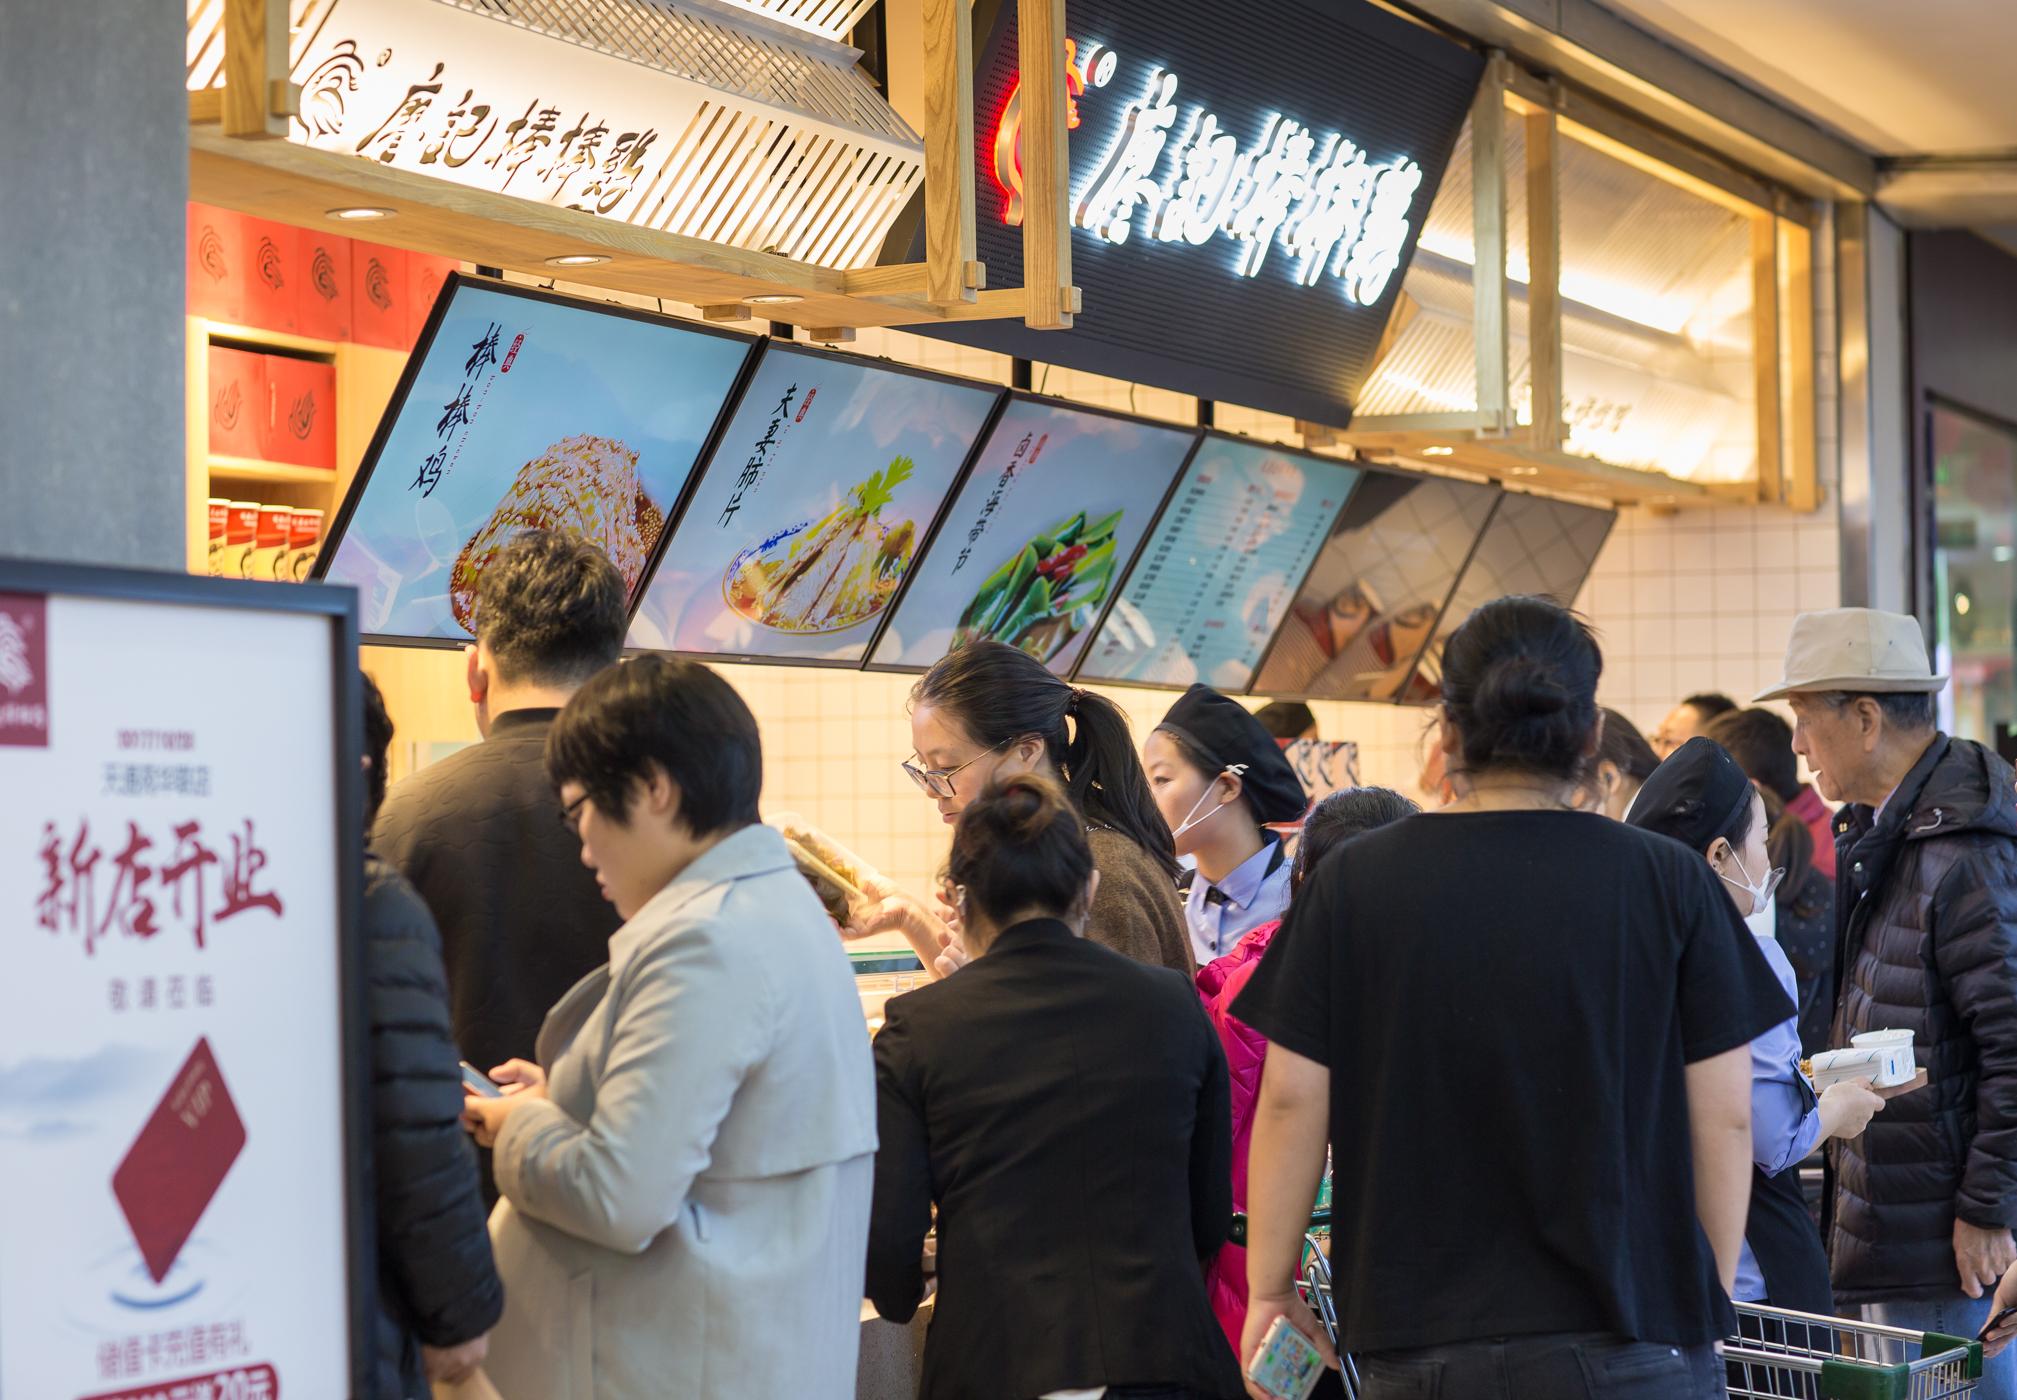 去年10月,廖记棒棒鸡首次入驻北京